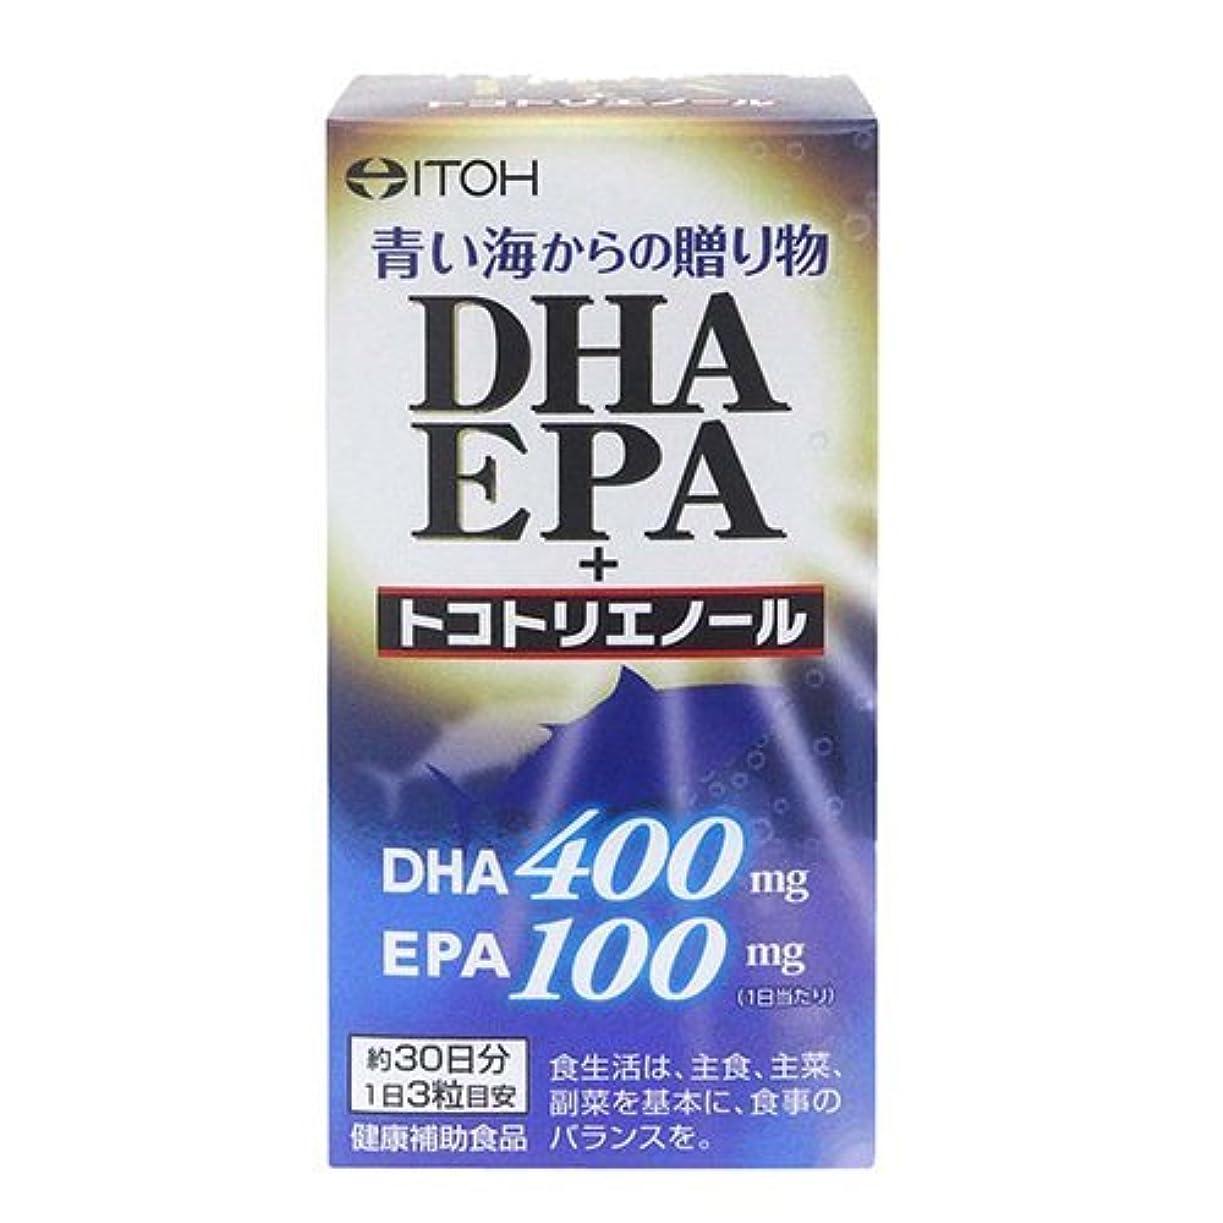 中央氏縮約井藤漢方製薬 DHA EPA+トコトリエノール 約30日分 90粒 Japan